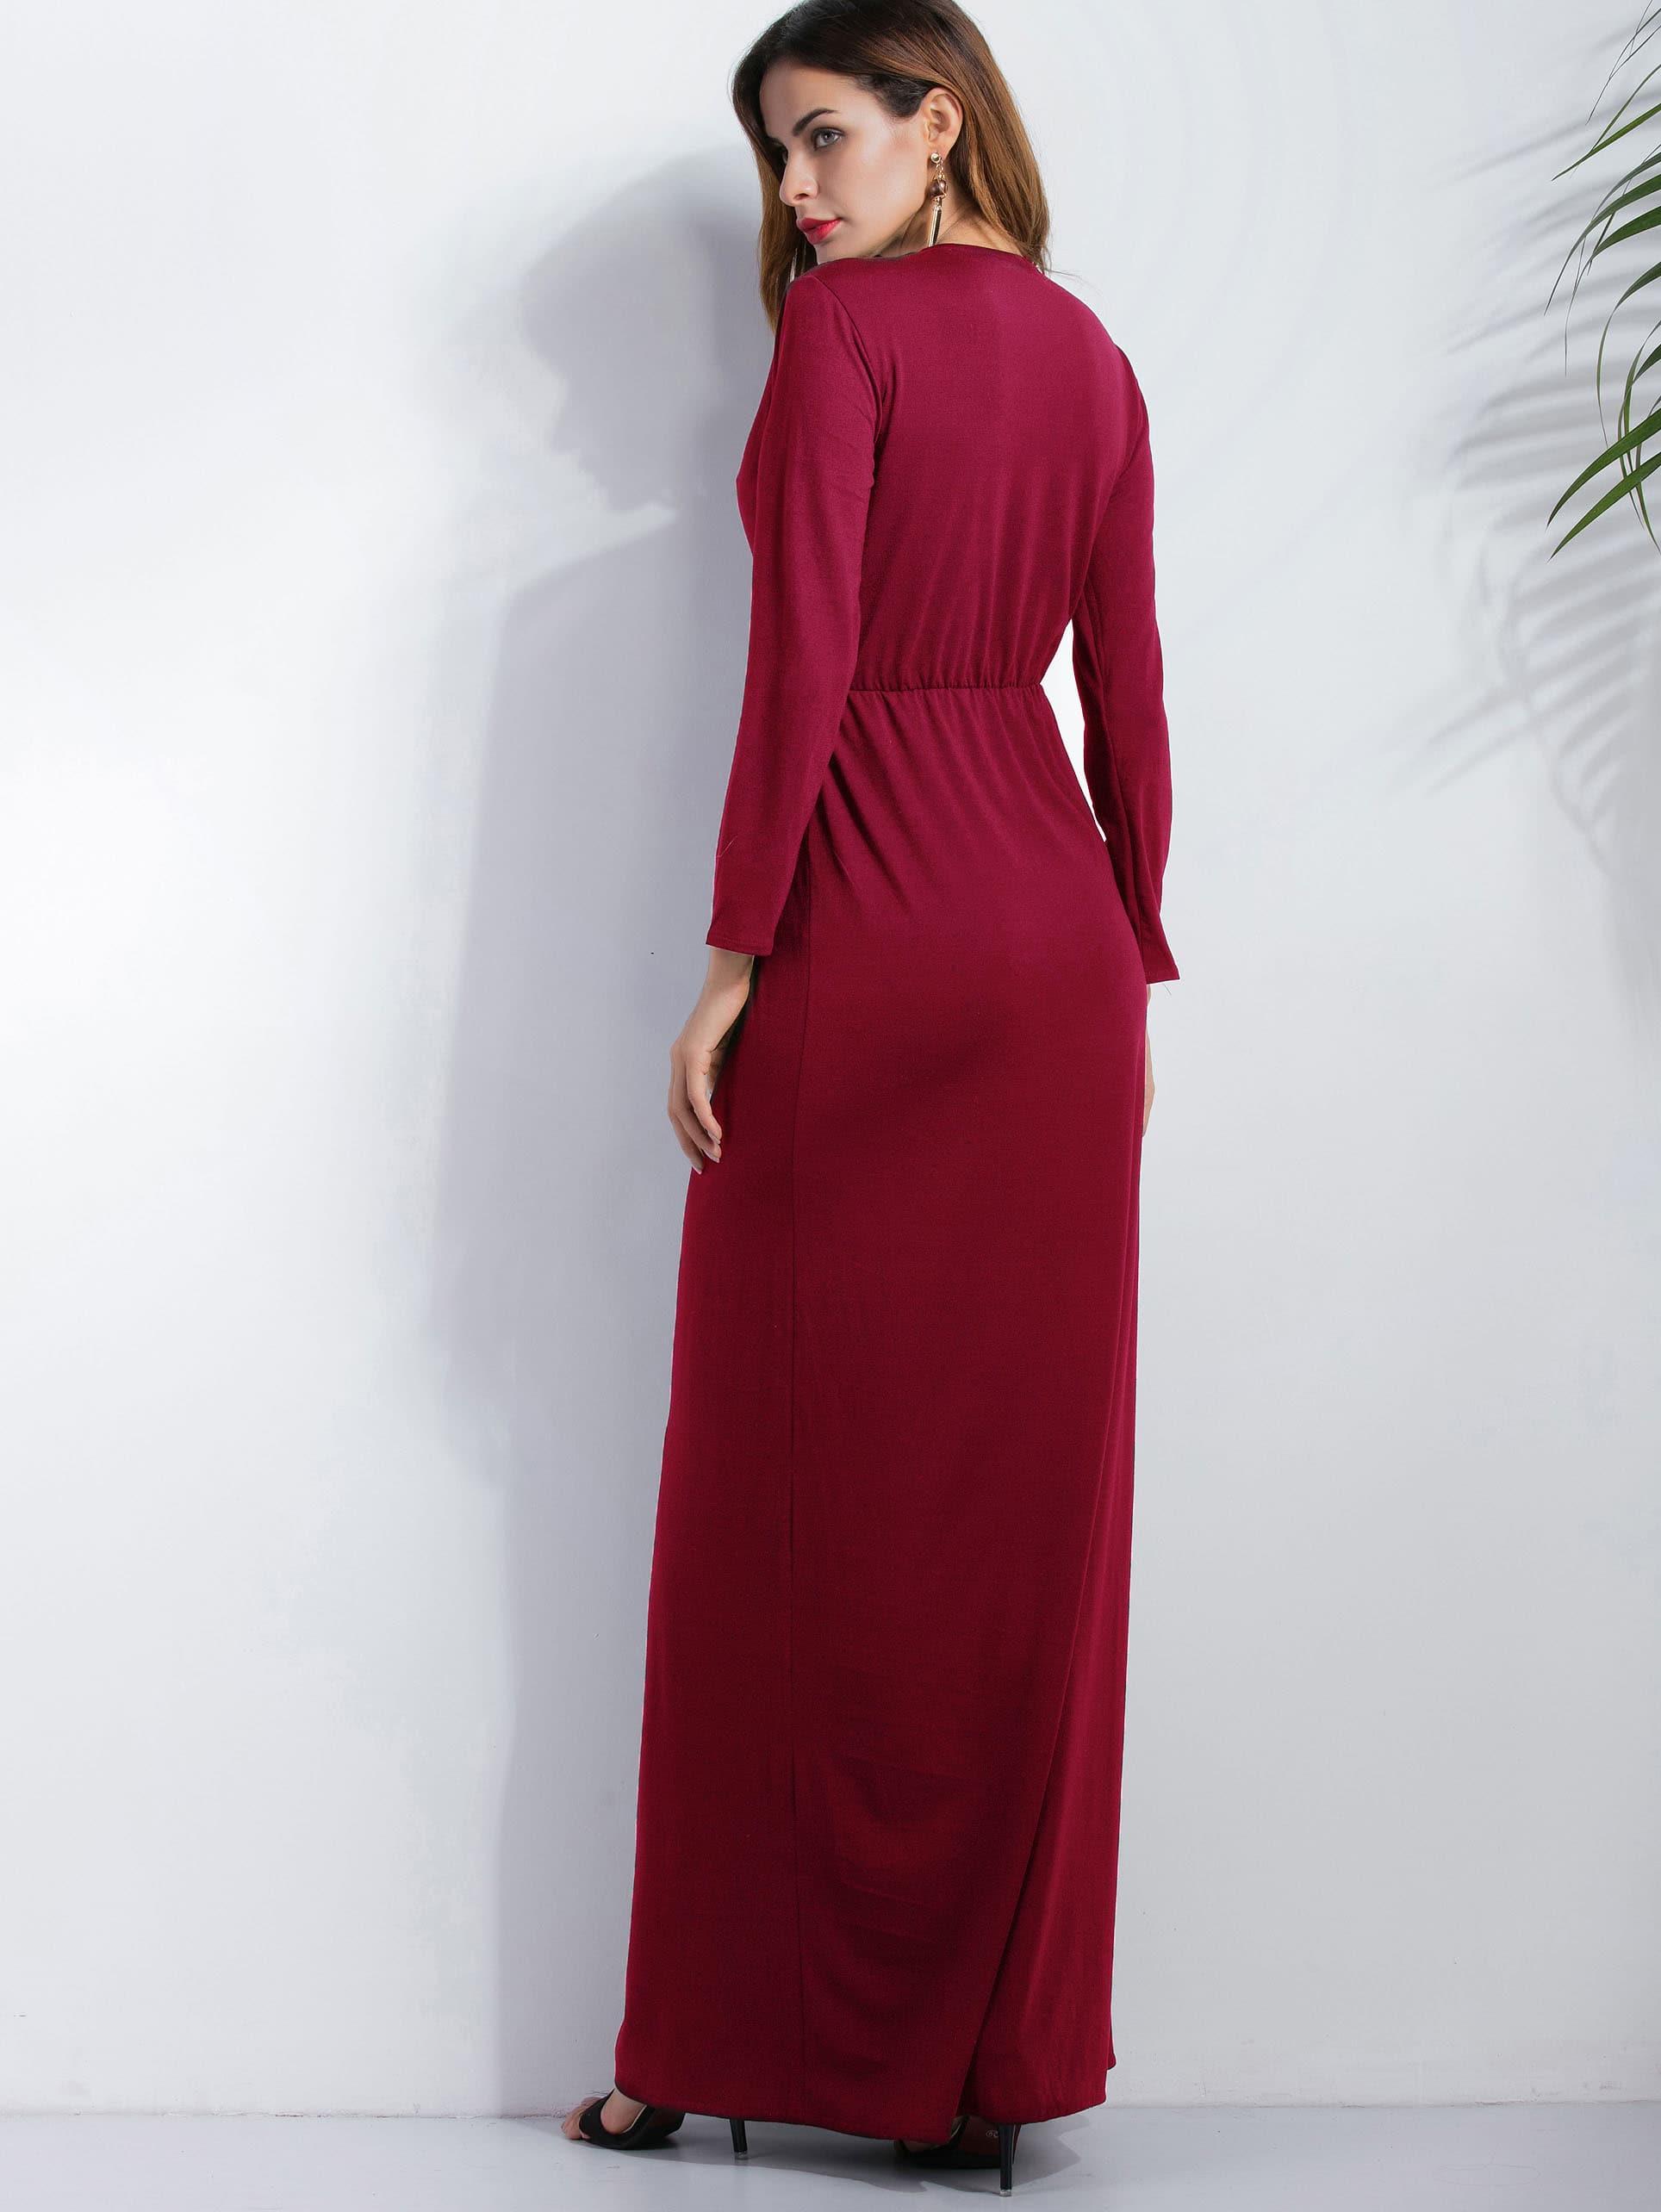 dress161110102_2